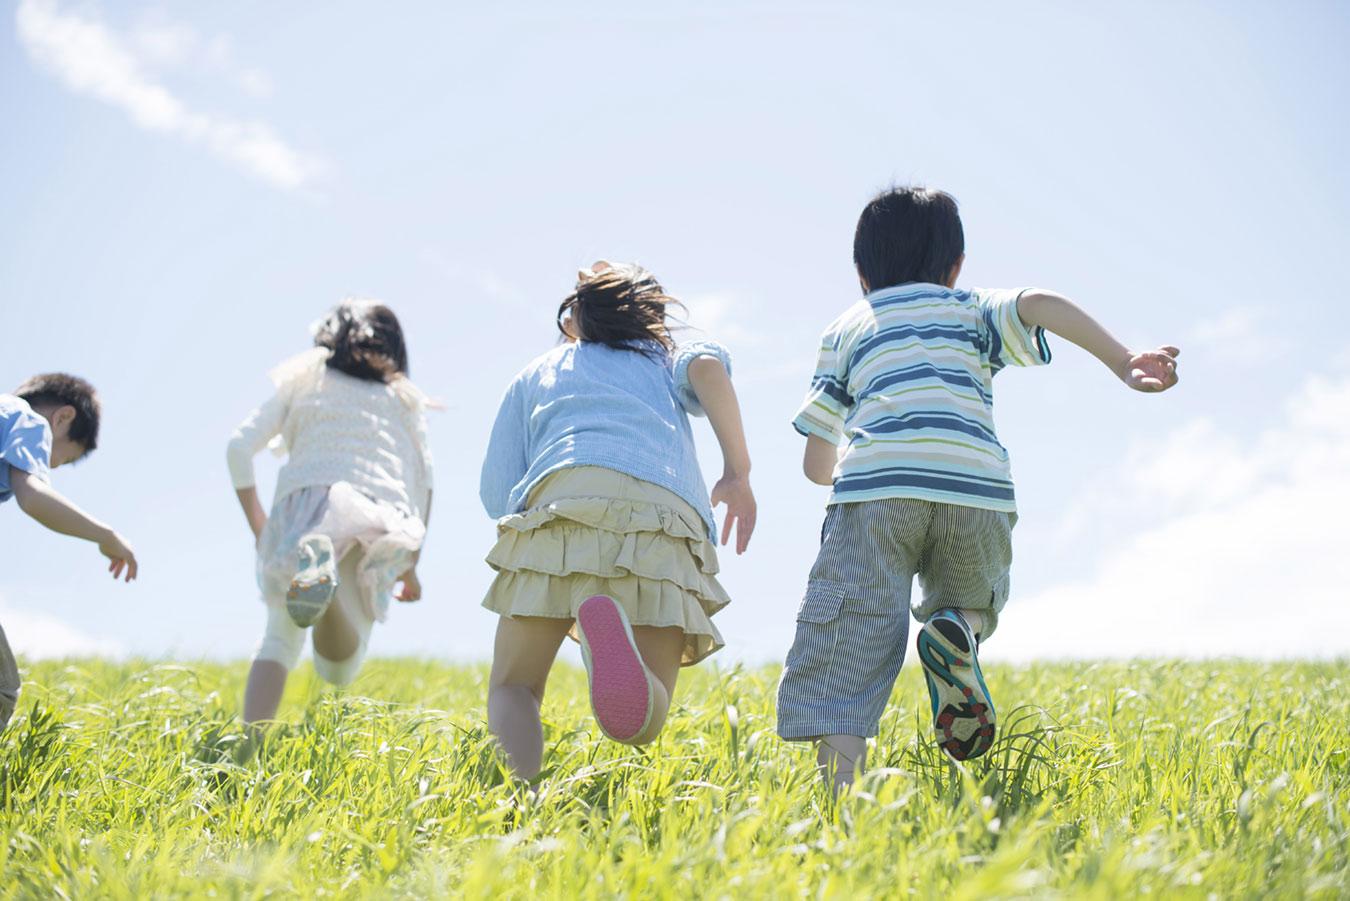 公園や行楽で遊びに夢中になっている時おねしょパンツを